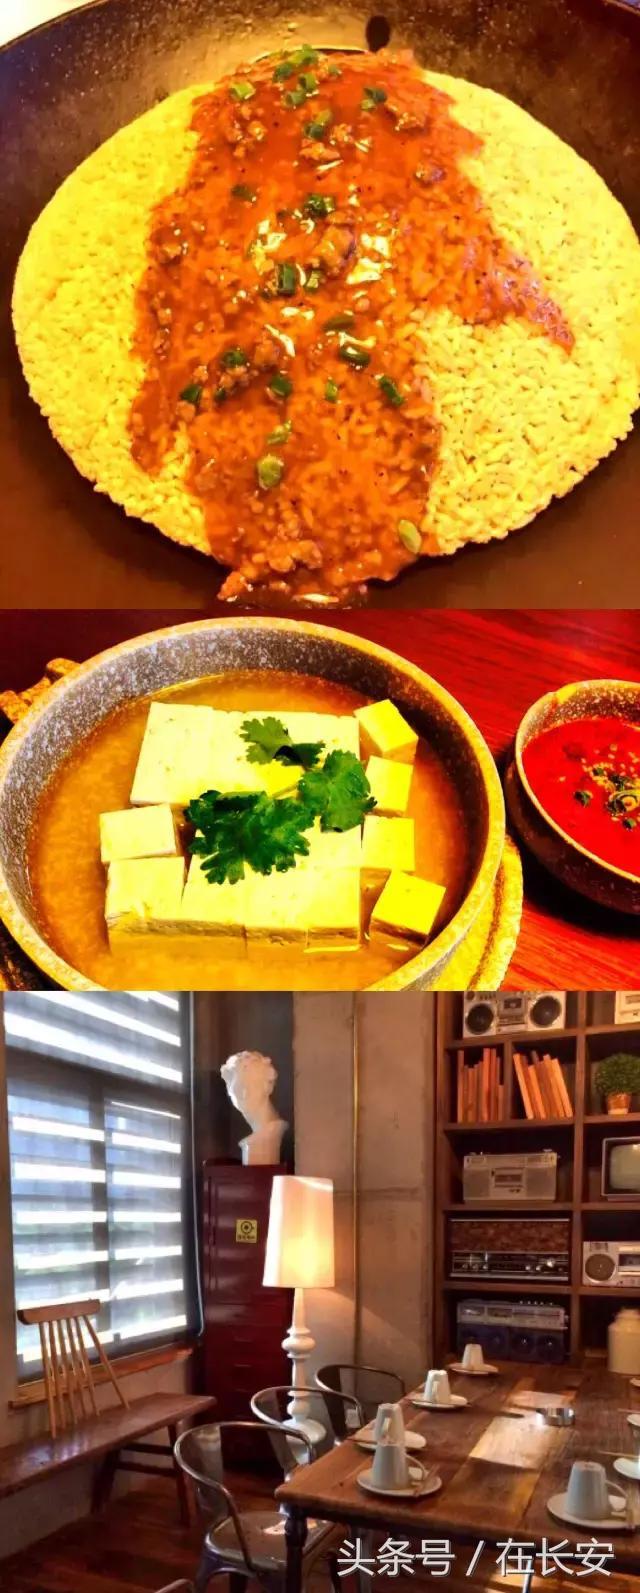 西安適合朋友聚會的餐廳大盤點!炒菜,火鍋,燒烤,自助餐全都有 - 每日頭條